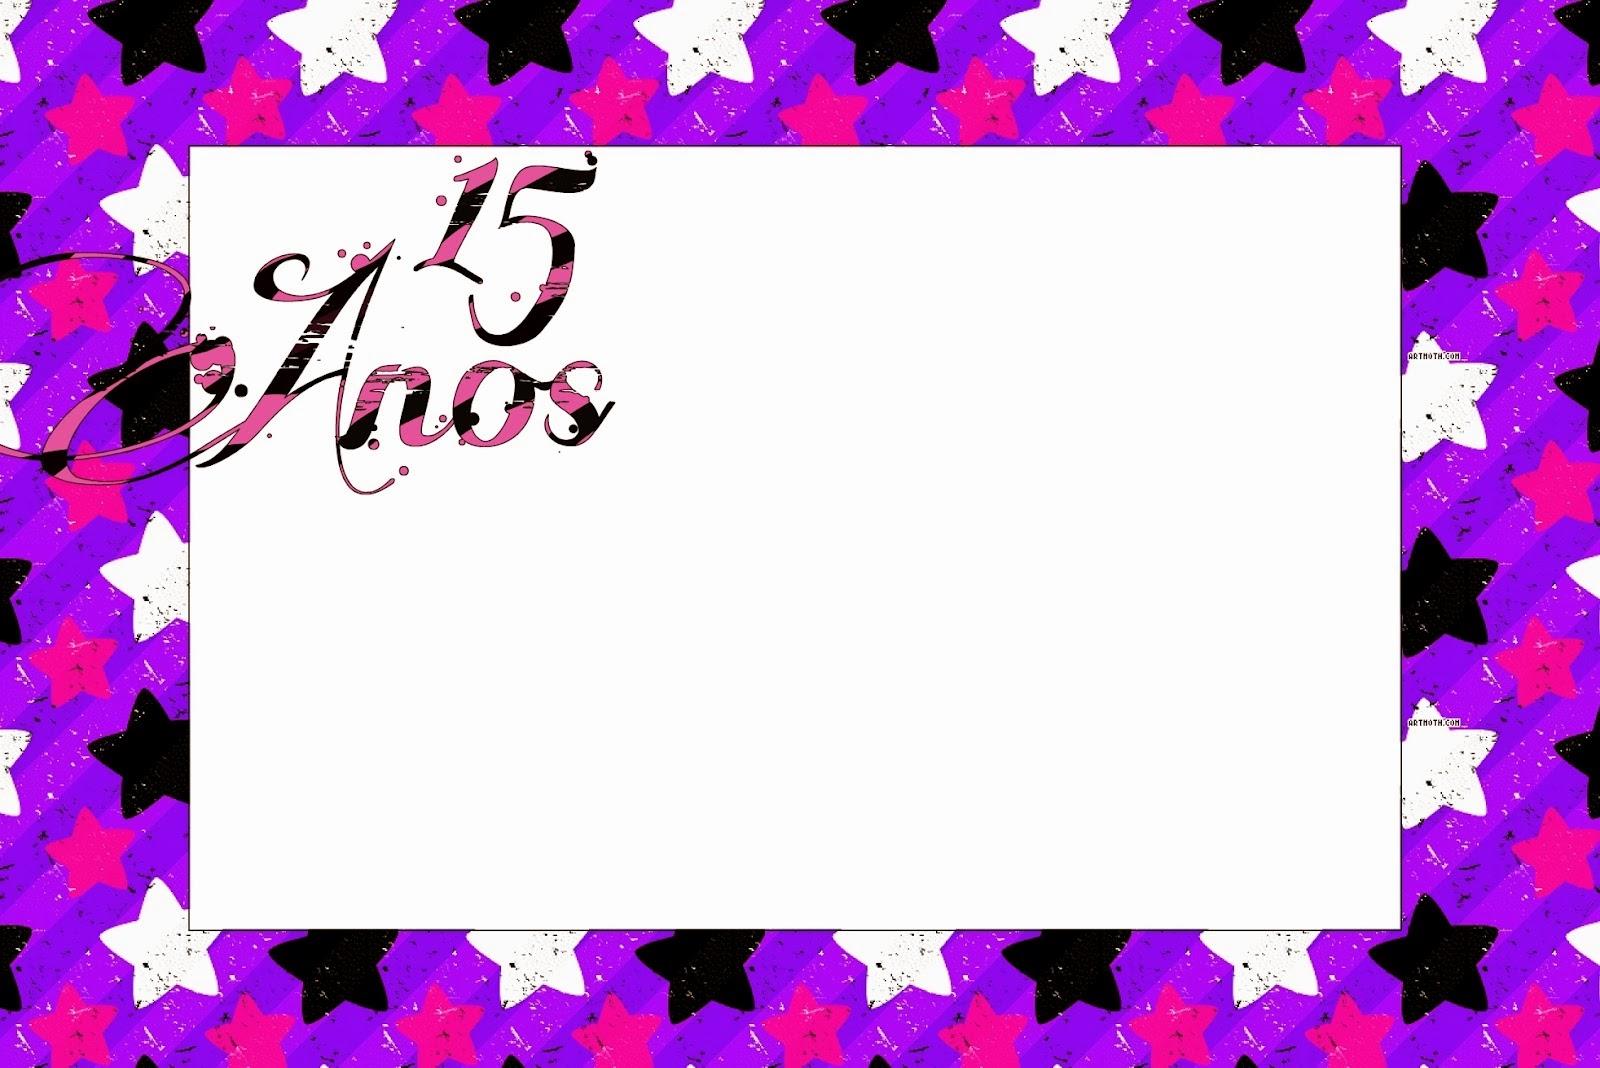 13 moldura convite e - photo #6